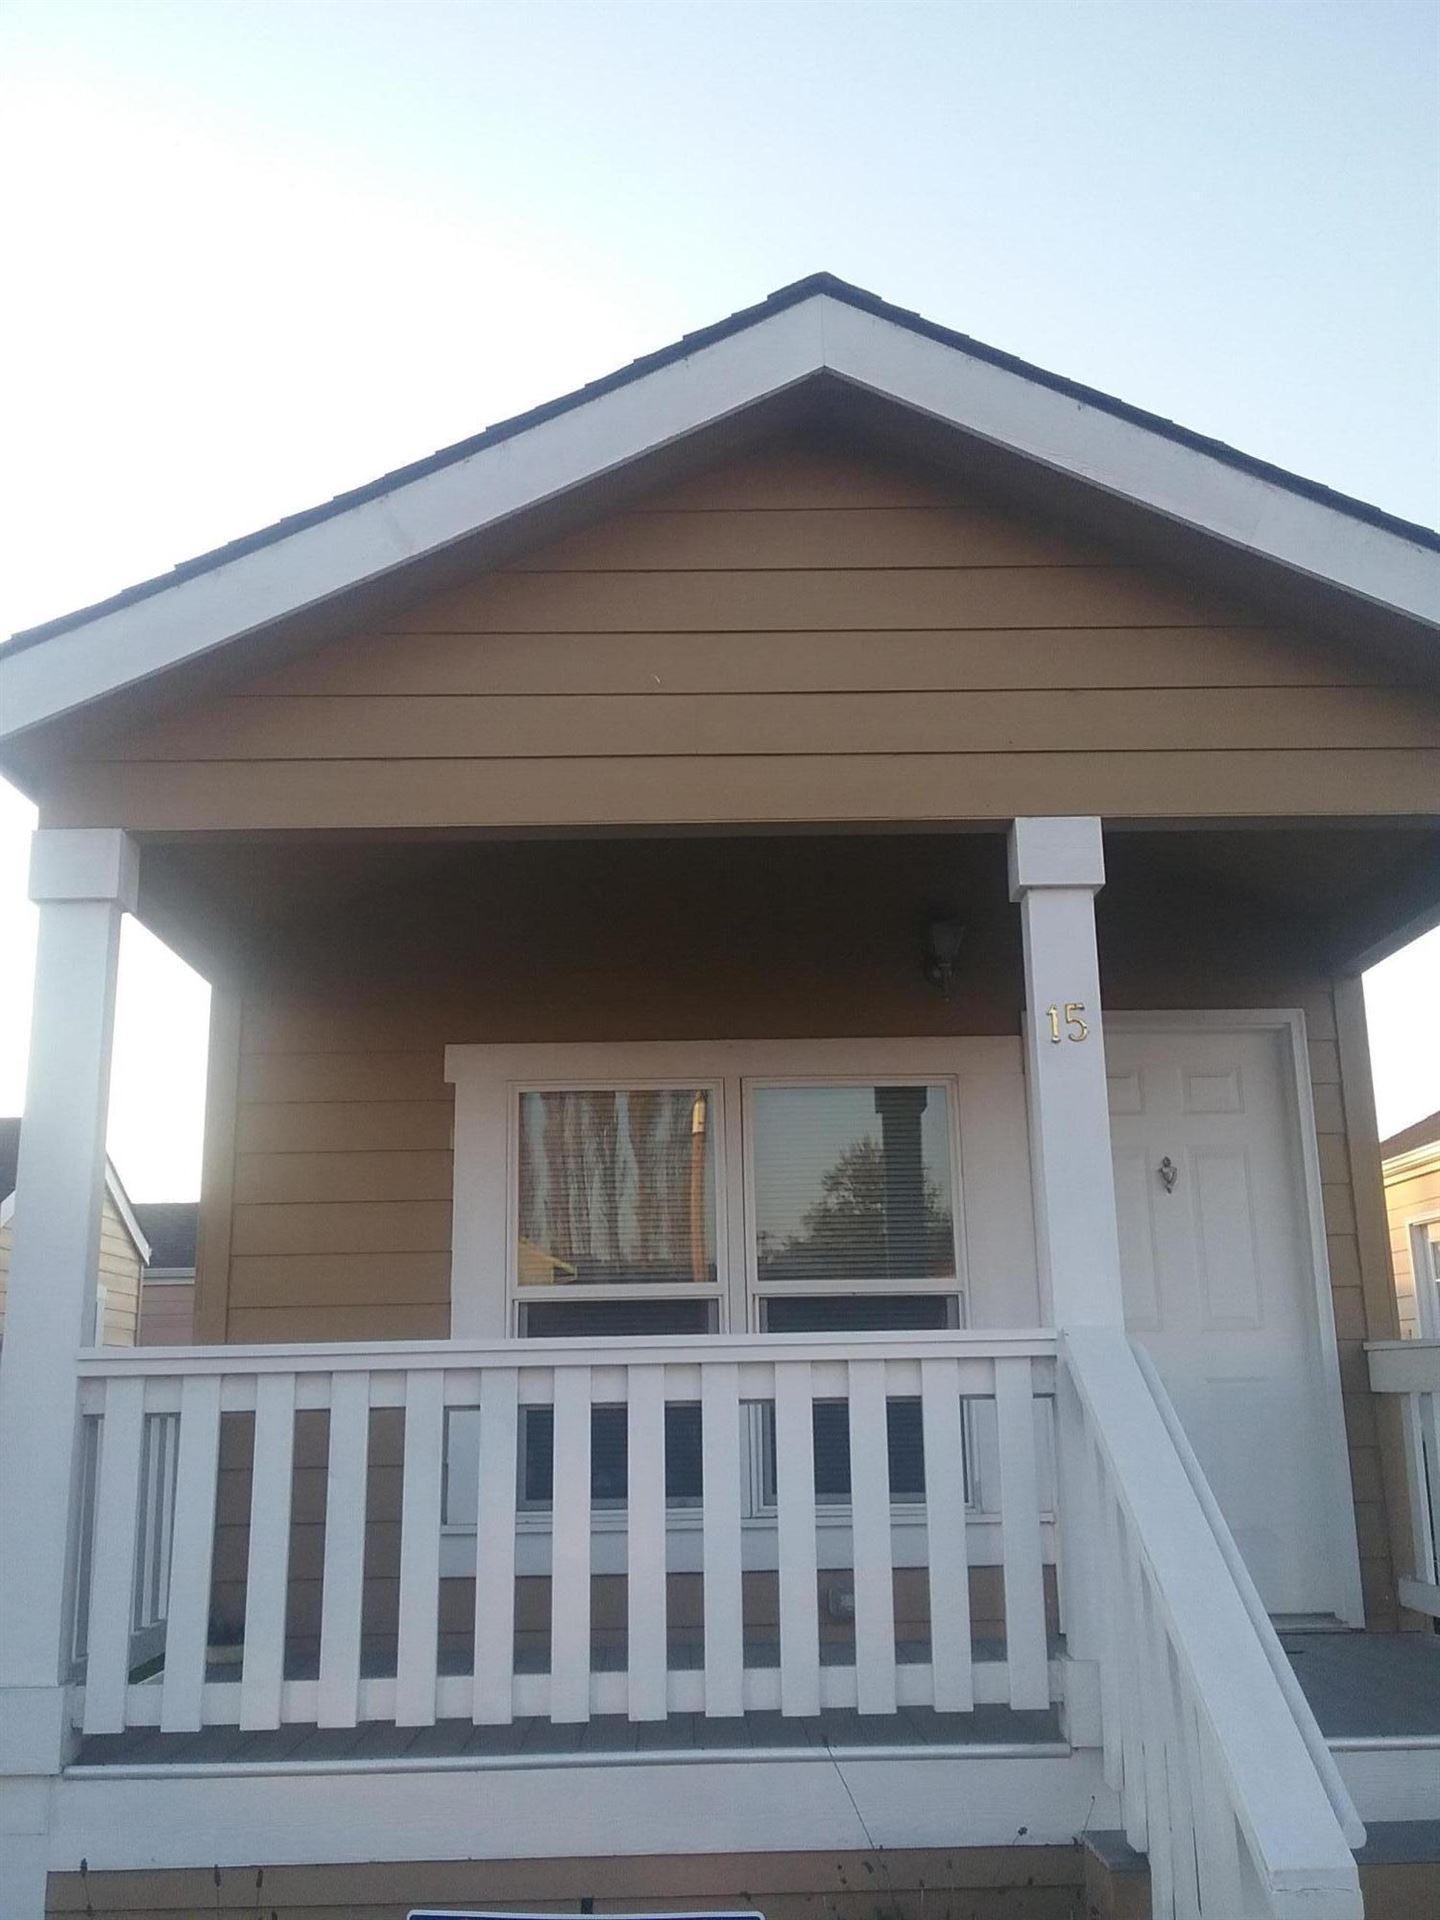 115 S G Street, Arcata, CA 95521 - MLS#: 258858